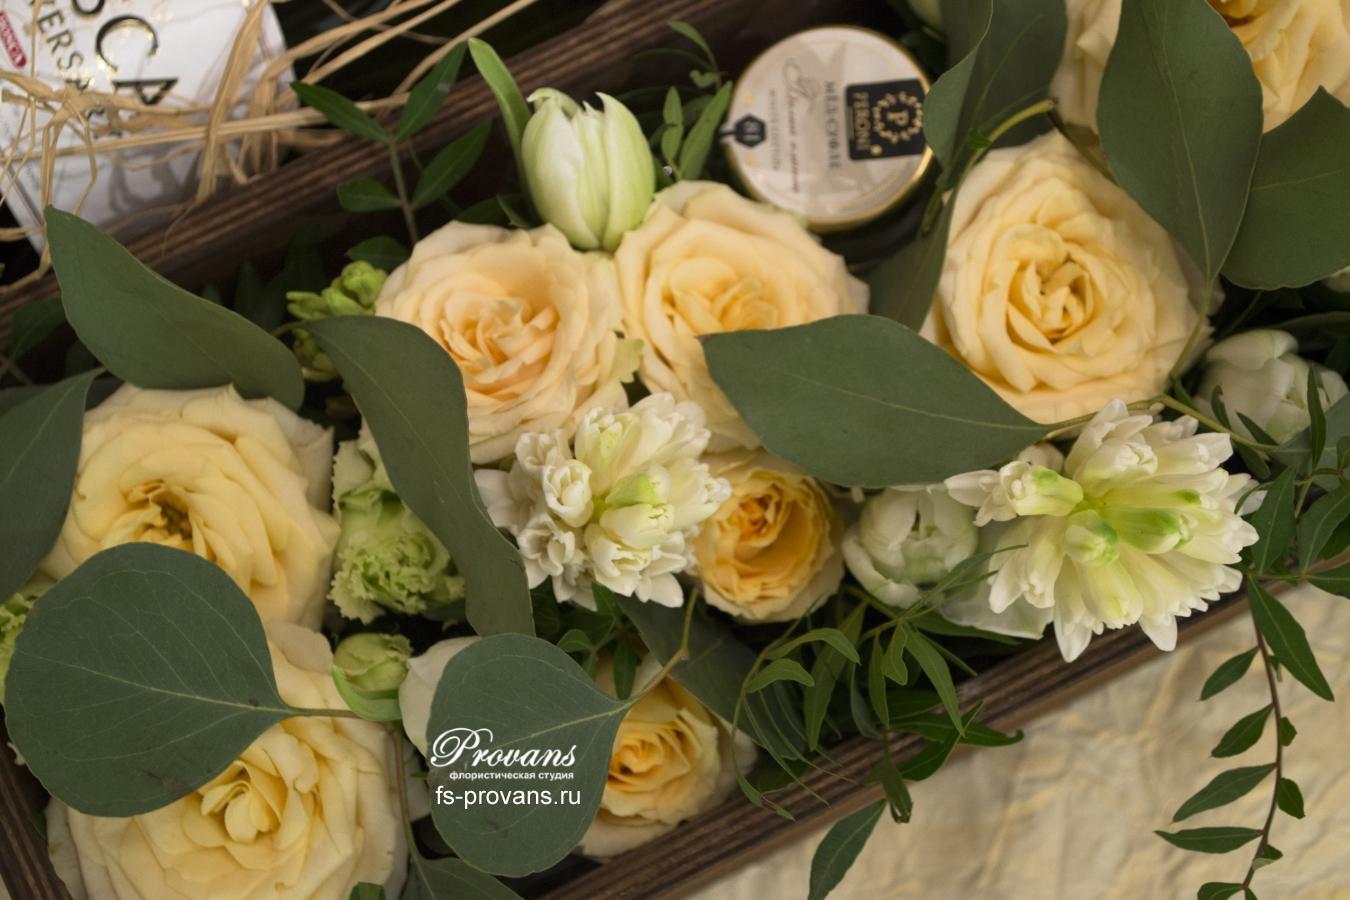 Цветы в коробке. Розы, гиацинты, эустома